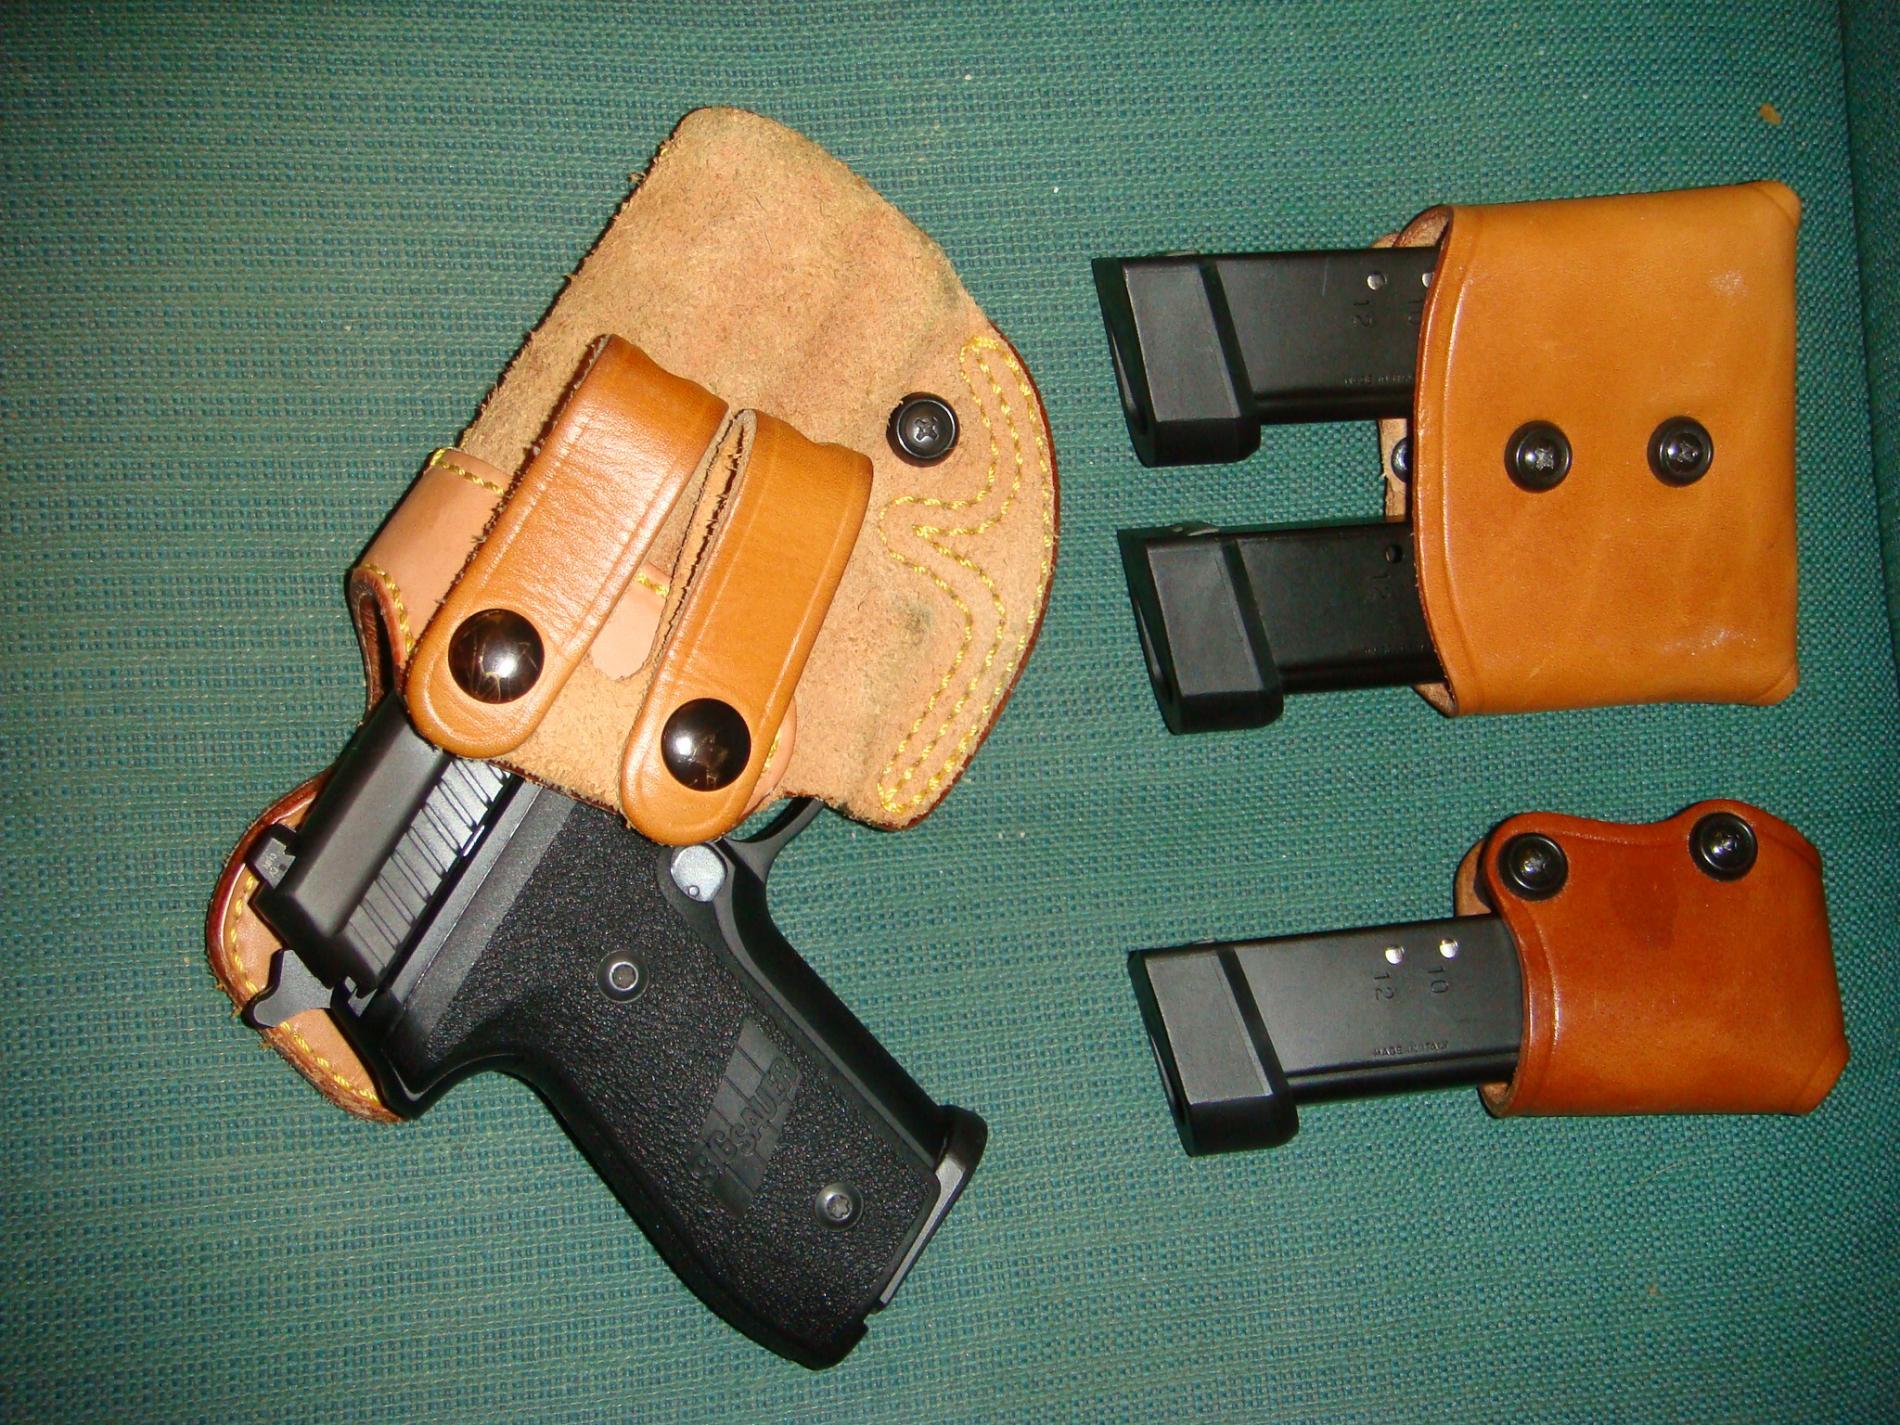 IWB holster for Sig p229-dsc00748.jpg